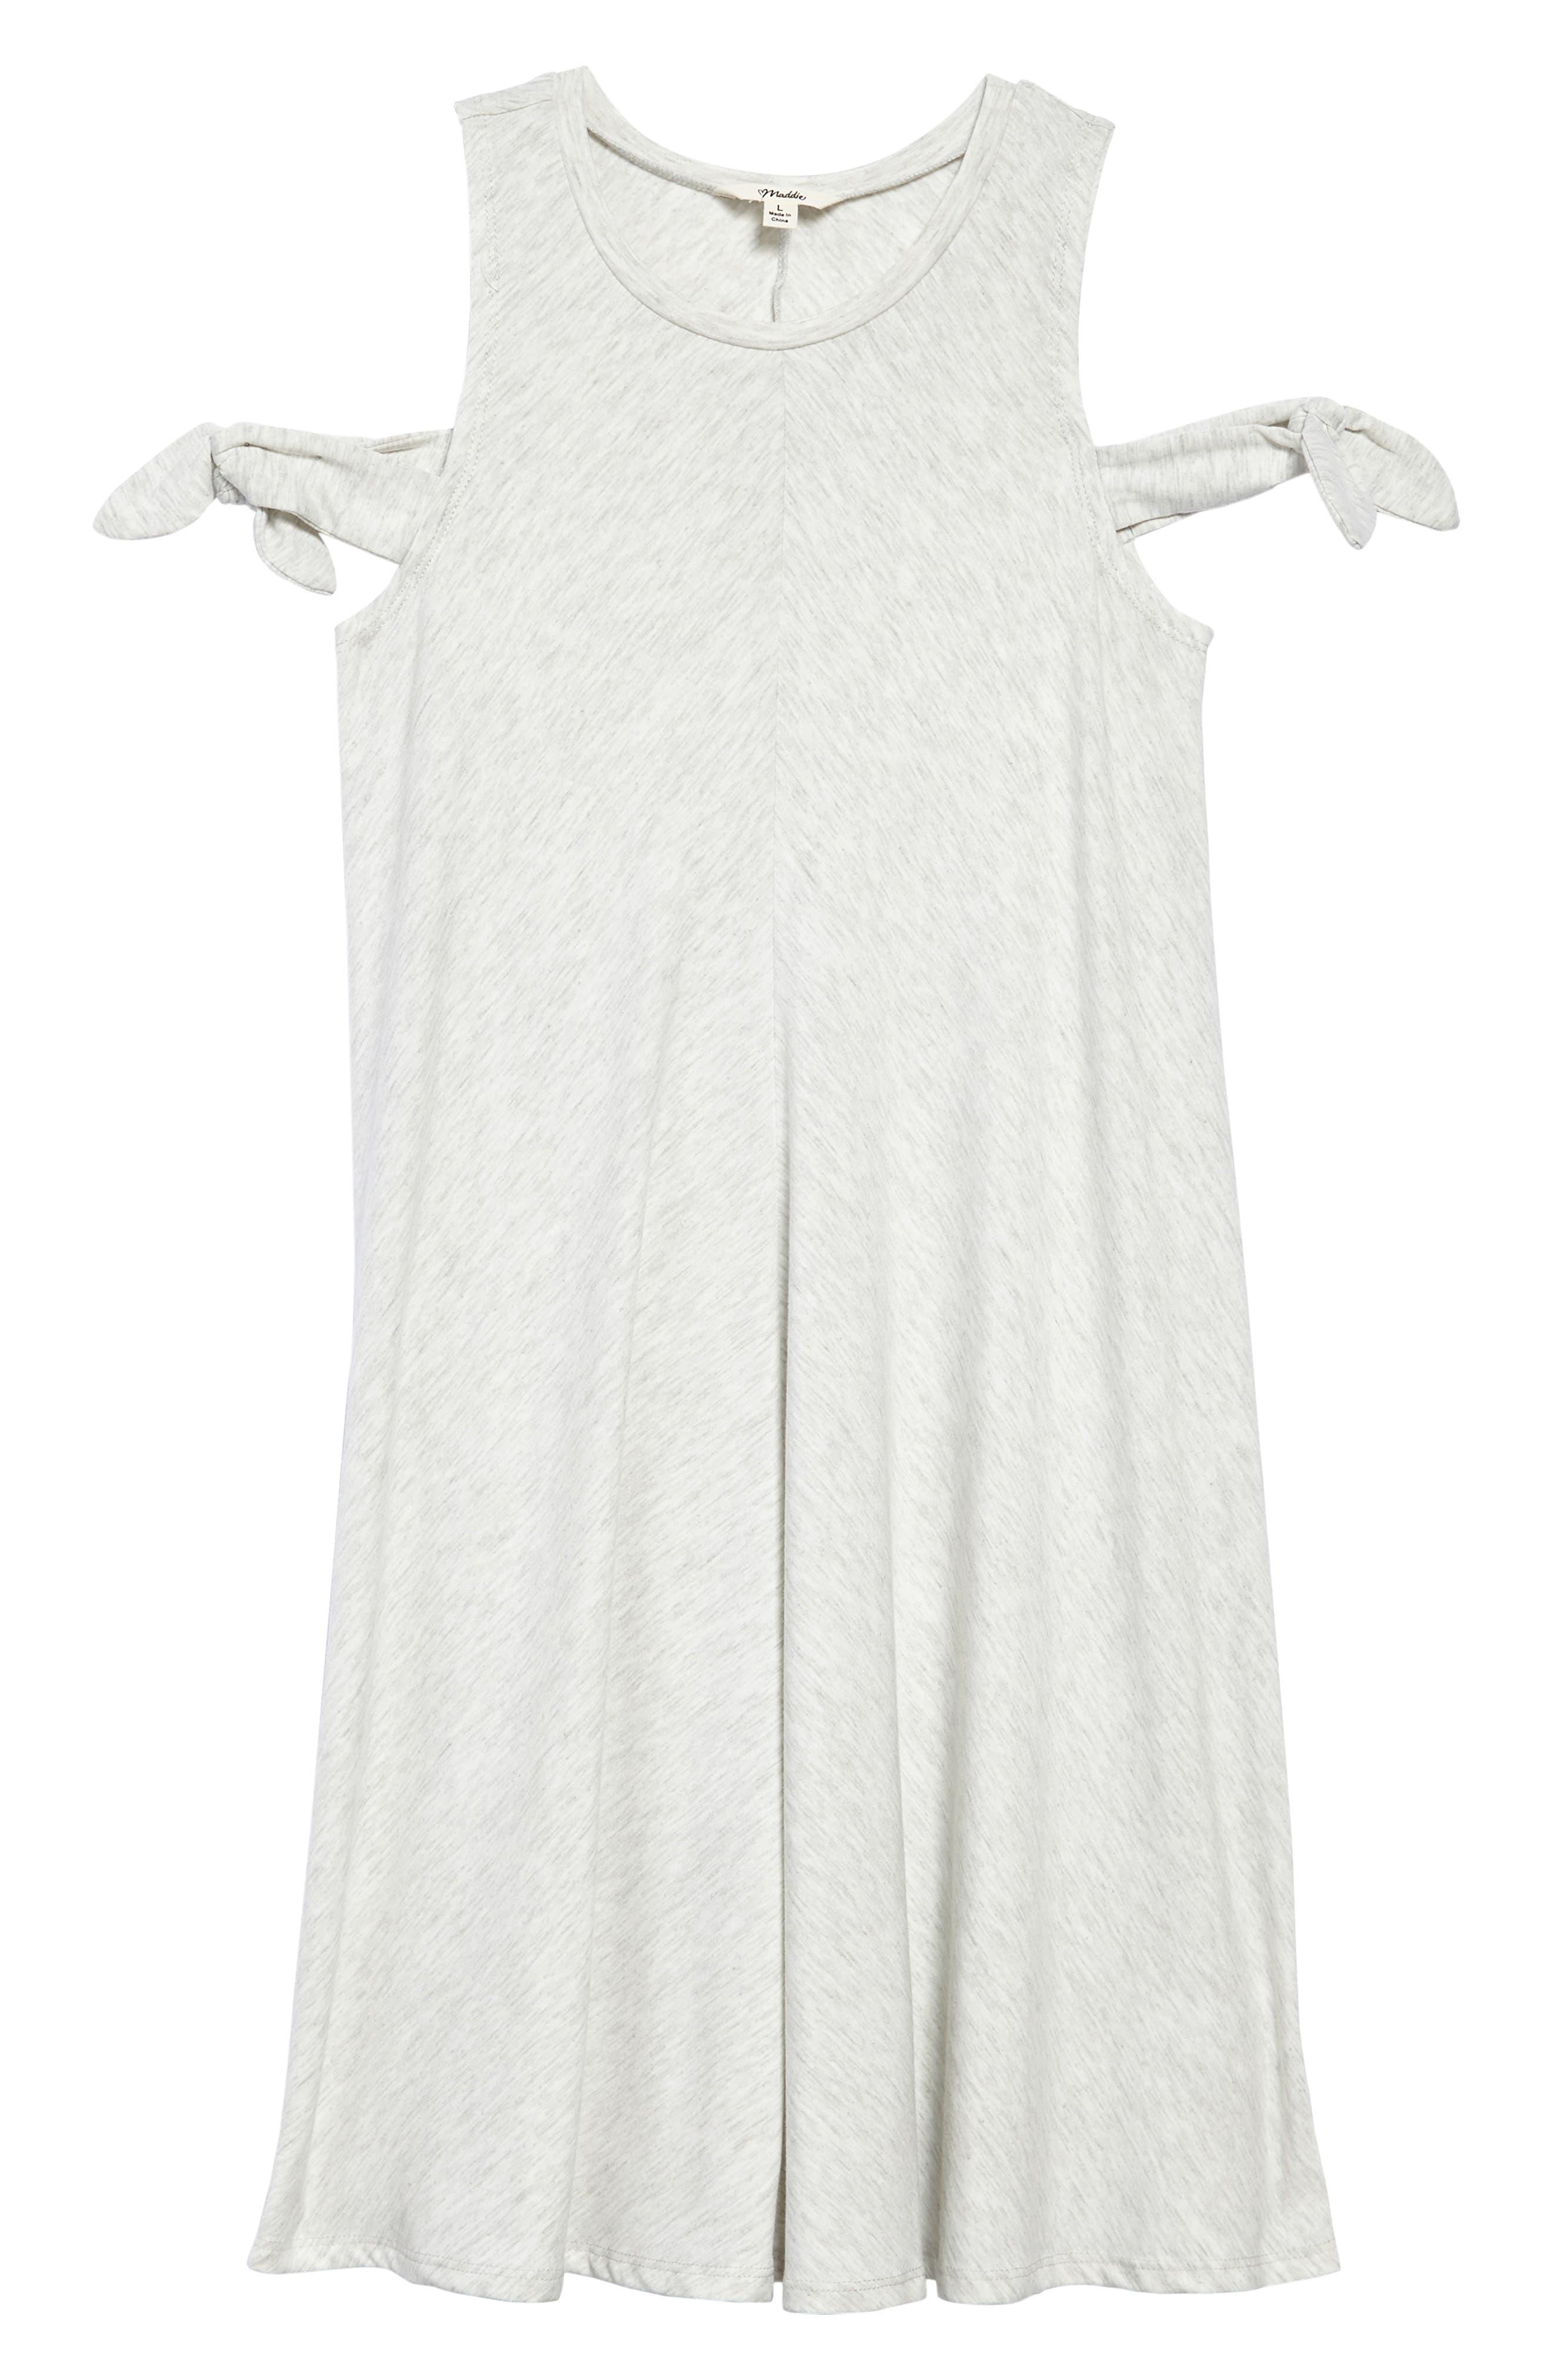 Alternate Image 1 Selected - Maddie Cold Shoulder Dress (Big Girls)